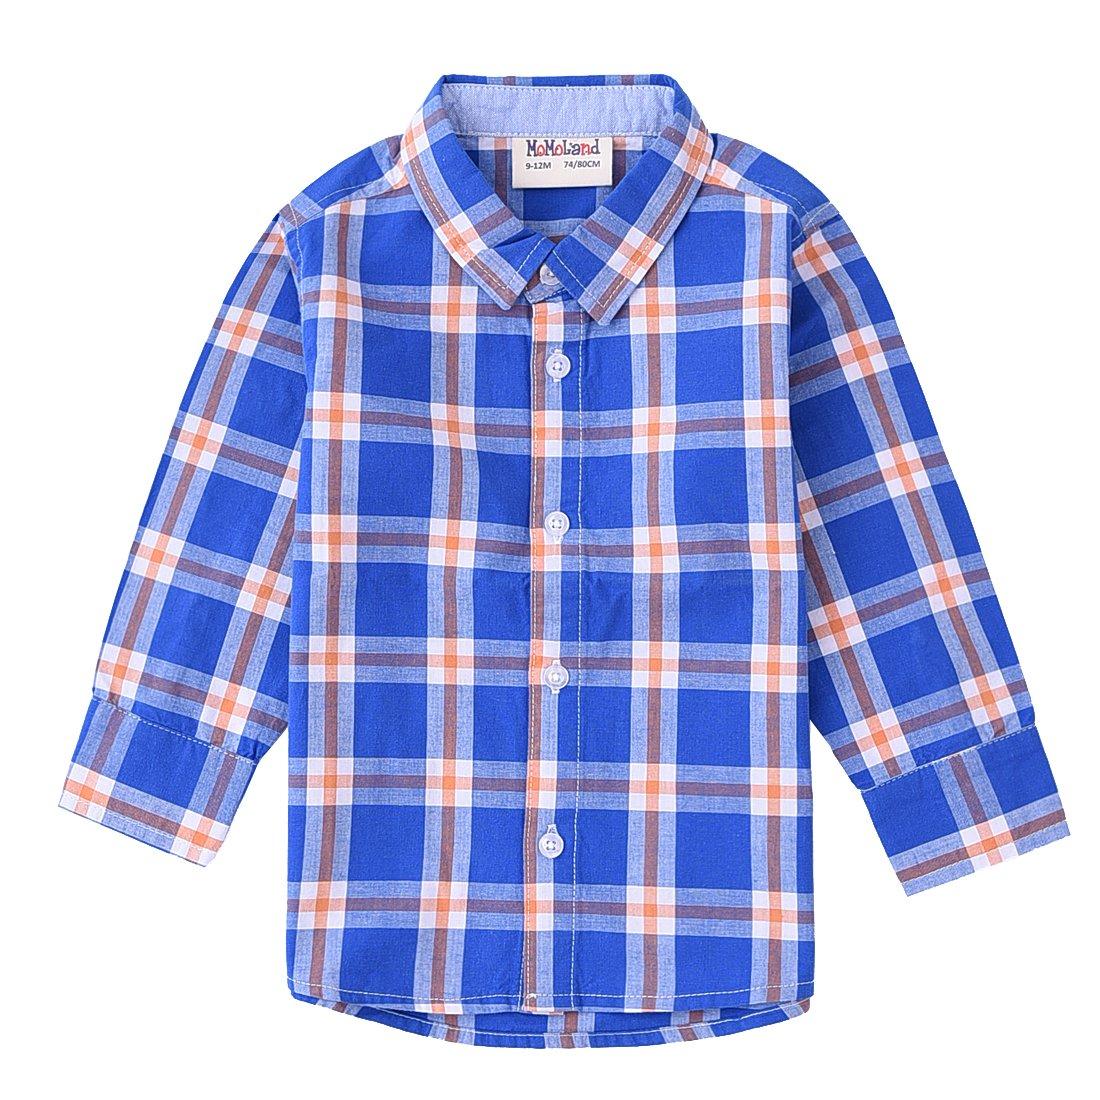 MOMOLAND Infant Baby Boys Long Sleeve Plaid Woven Shirts Blue Orange